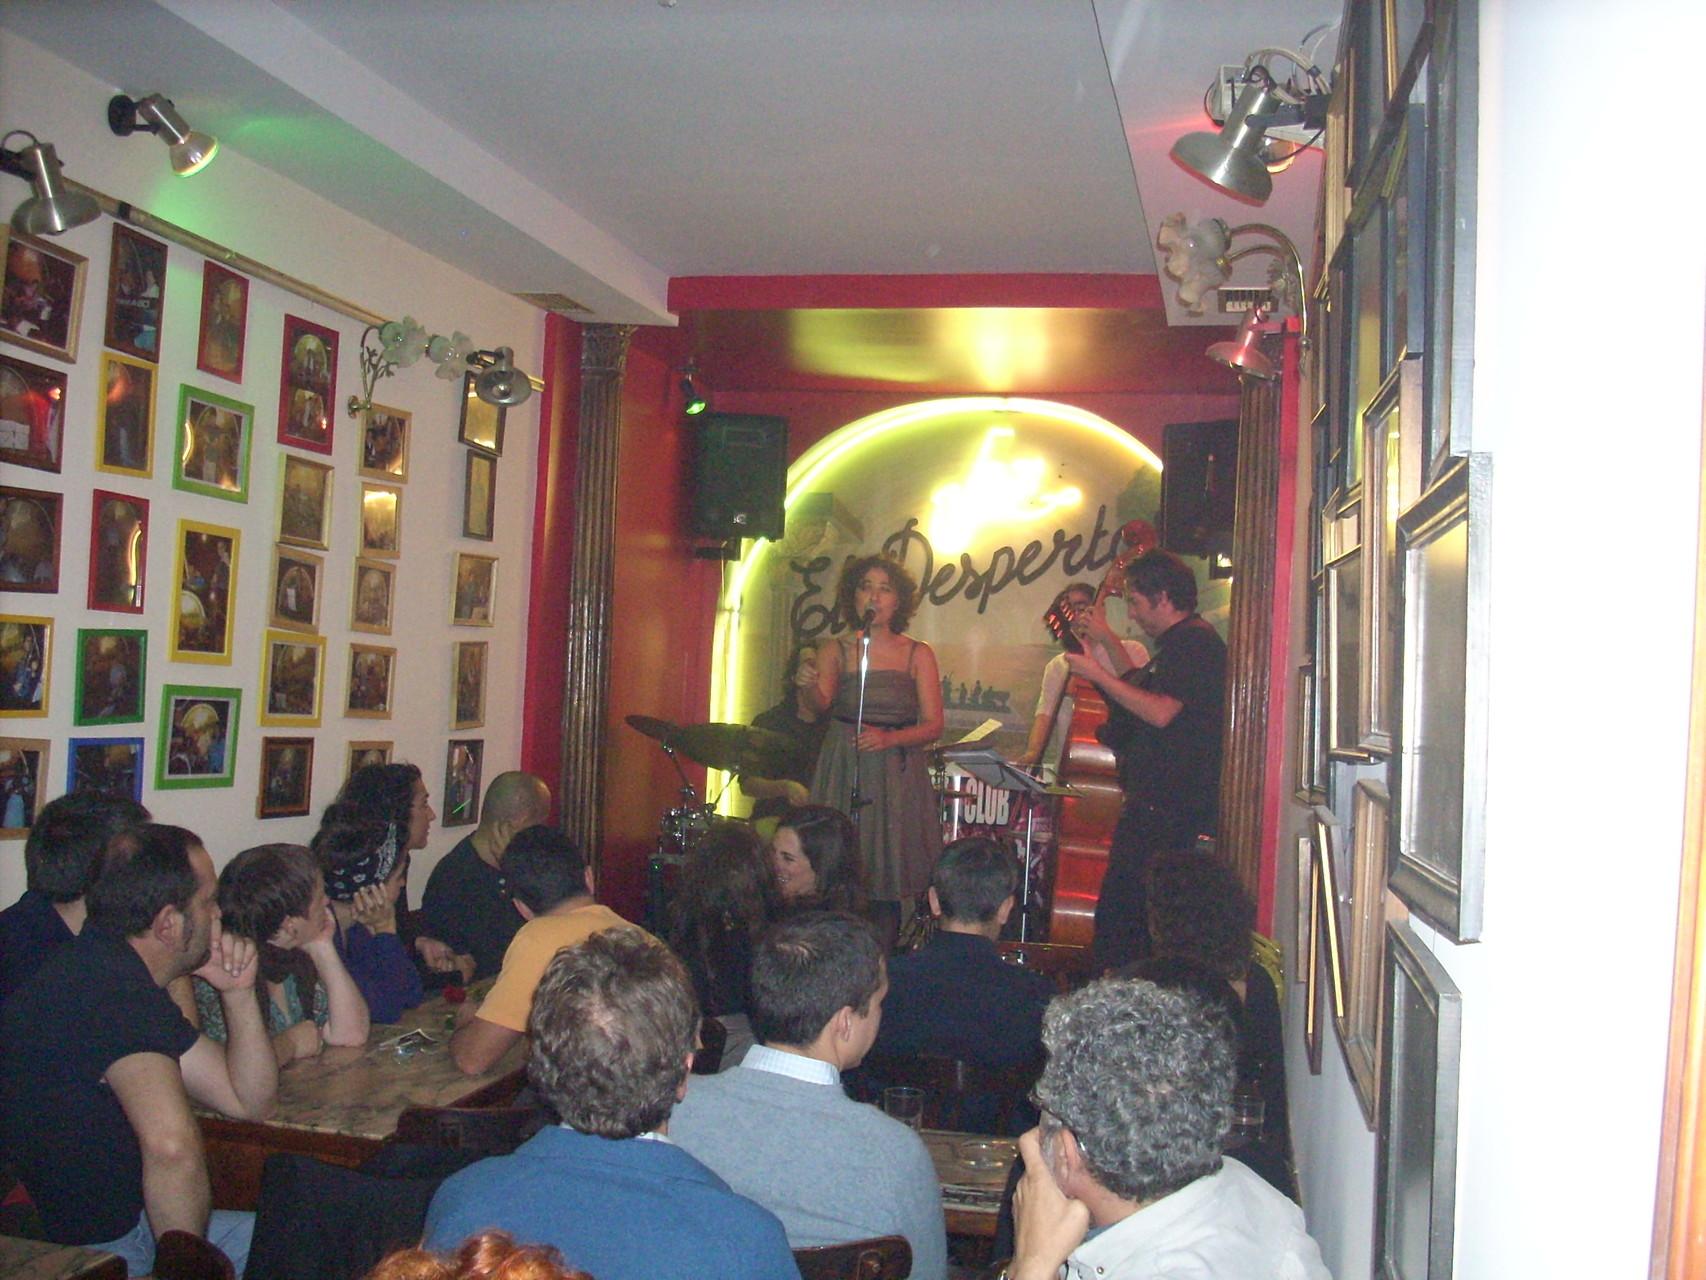 CUARTETO. FESTIVAL DE JAZZ DE MADRID.CAFÉ EL DESPERTAR. NOVIEMBRE 2009